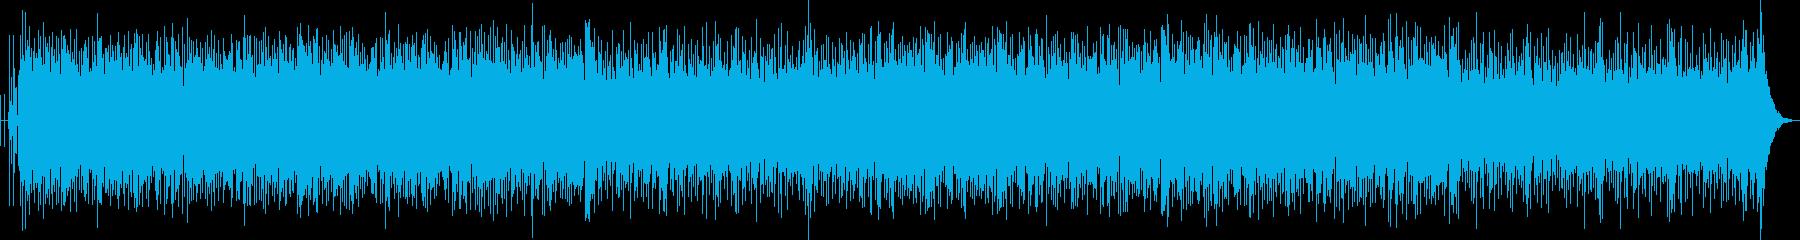 ヒーローが出てきそうなかっこいいBGM2の再生済みの波形